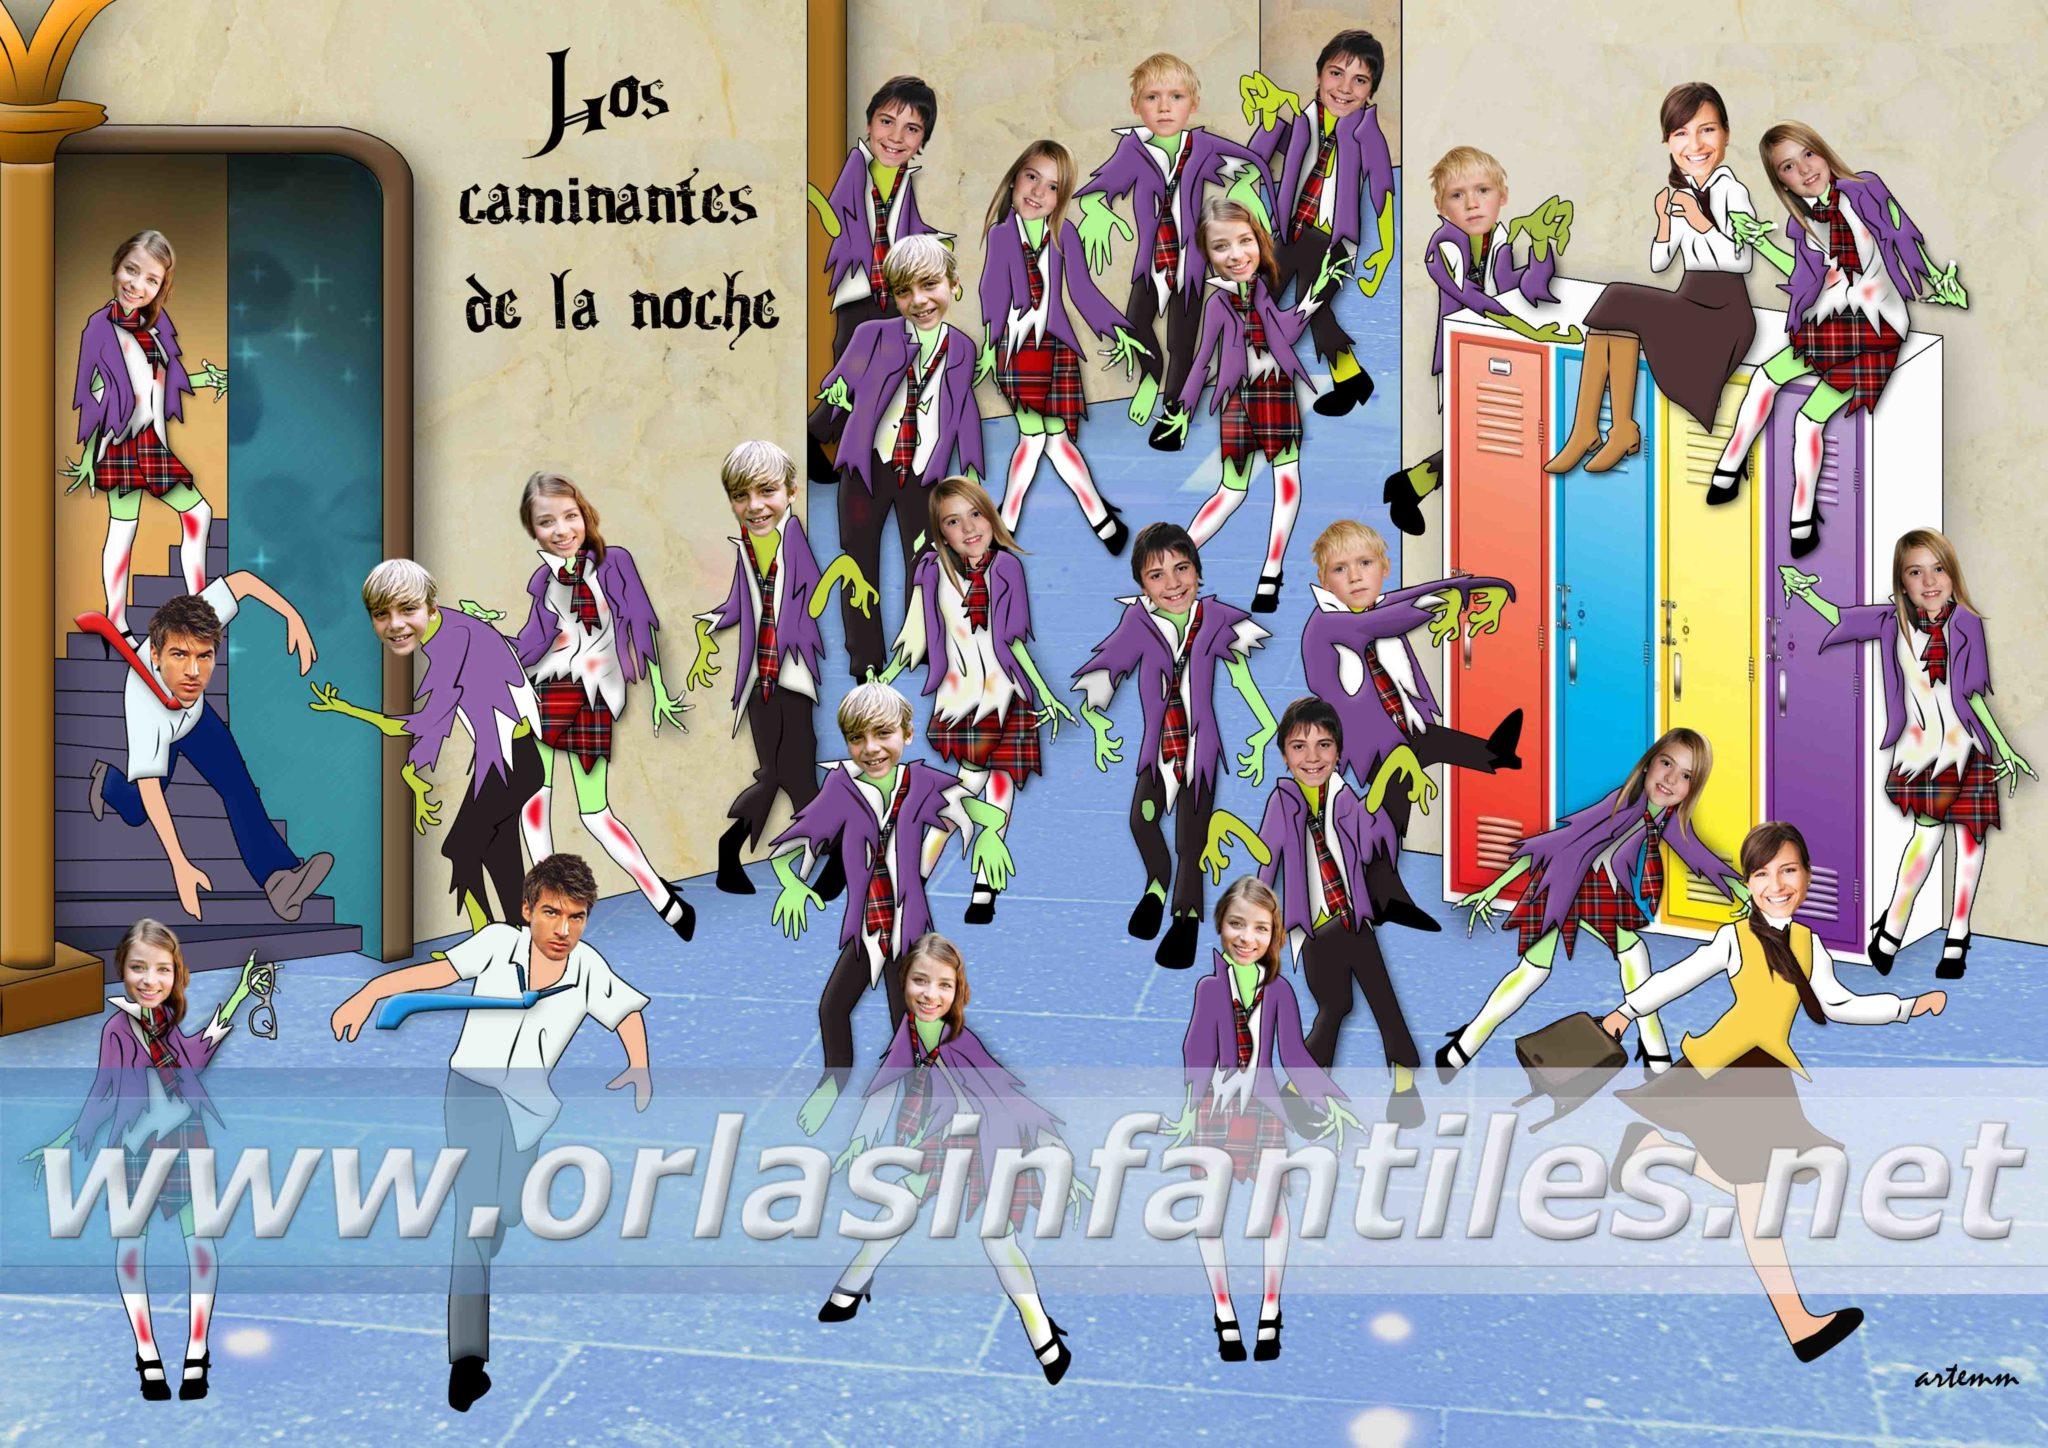 ORLA LOS CAMINANTES DE LA NOCHE